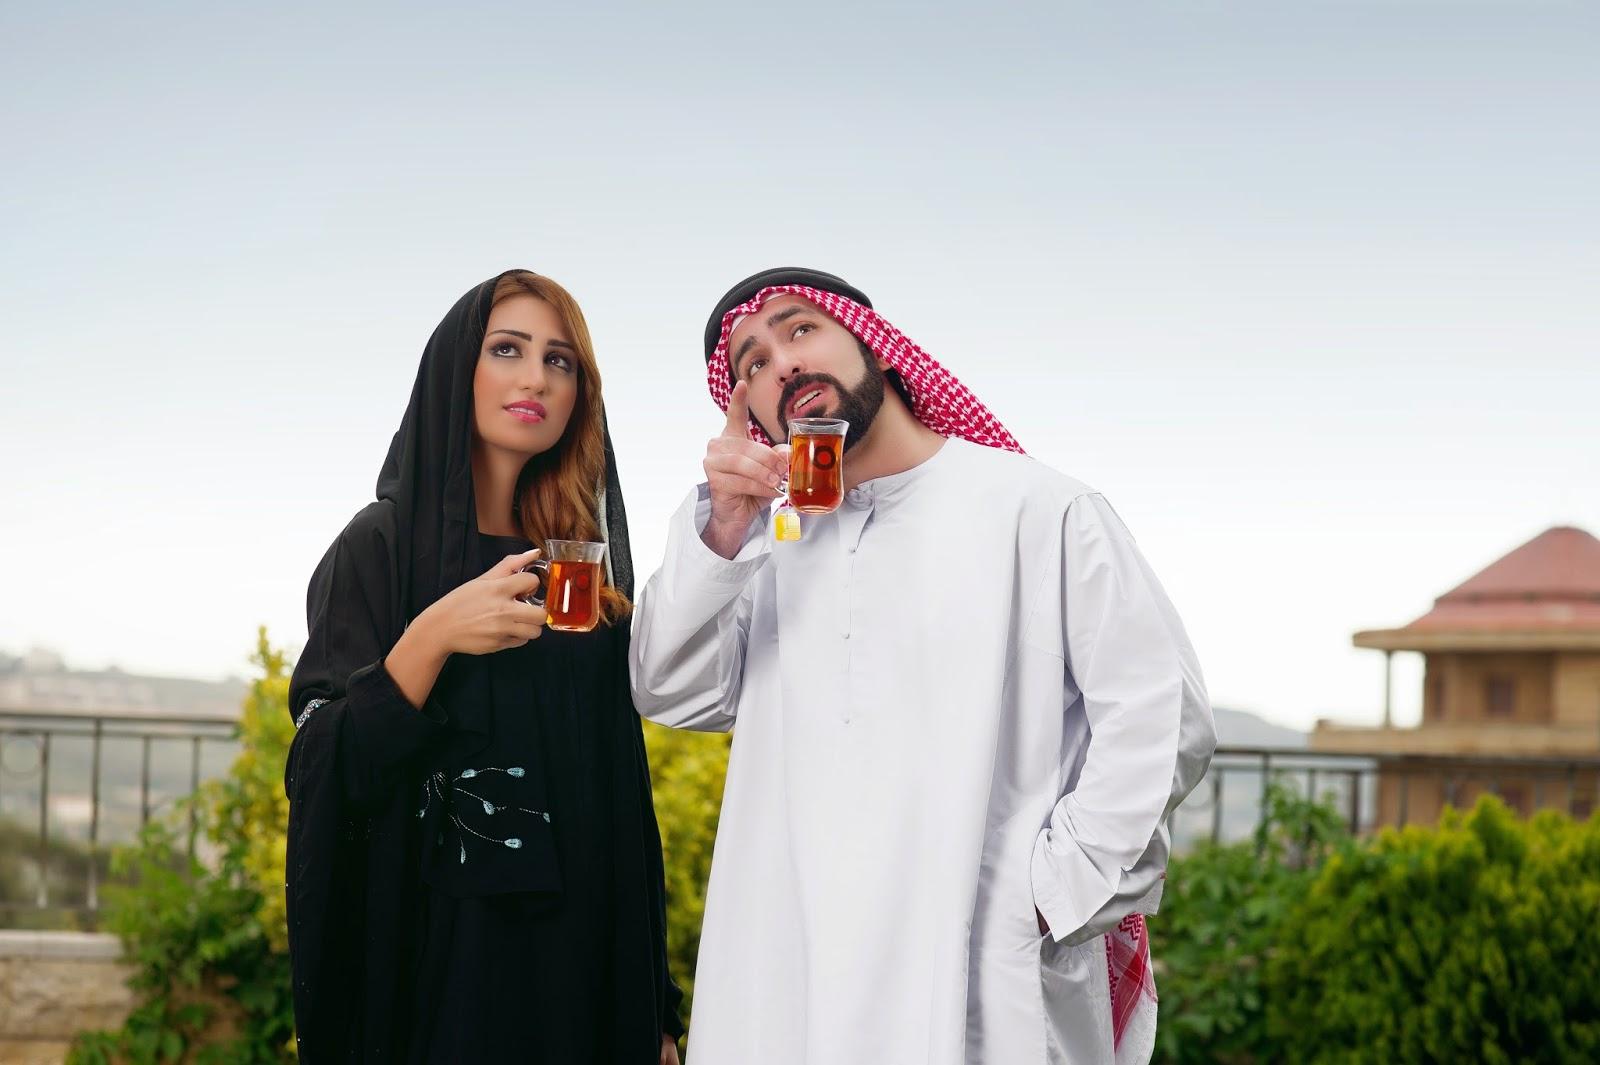 знакомства иностранца за выйти с замуж иностранцами